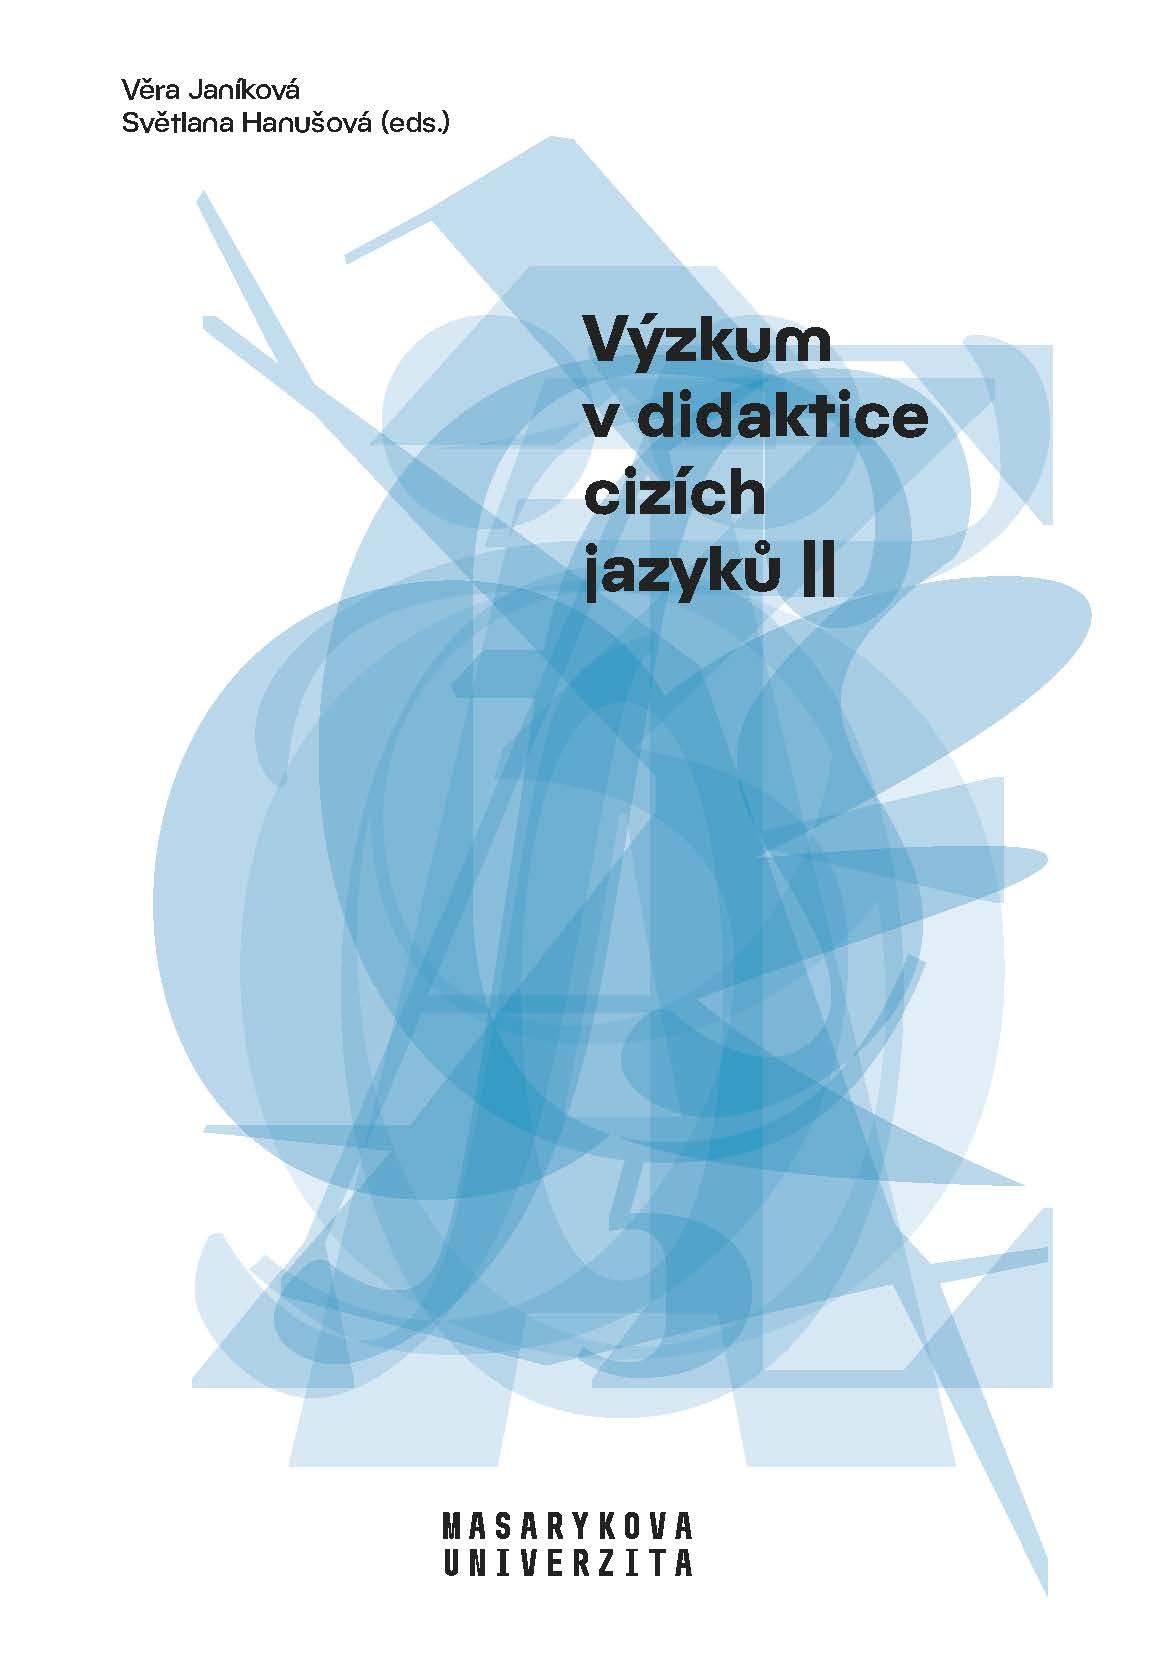 Obálka pro Výzkum v didaktice cizích jazyků II